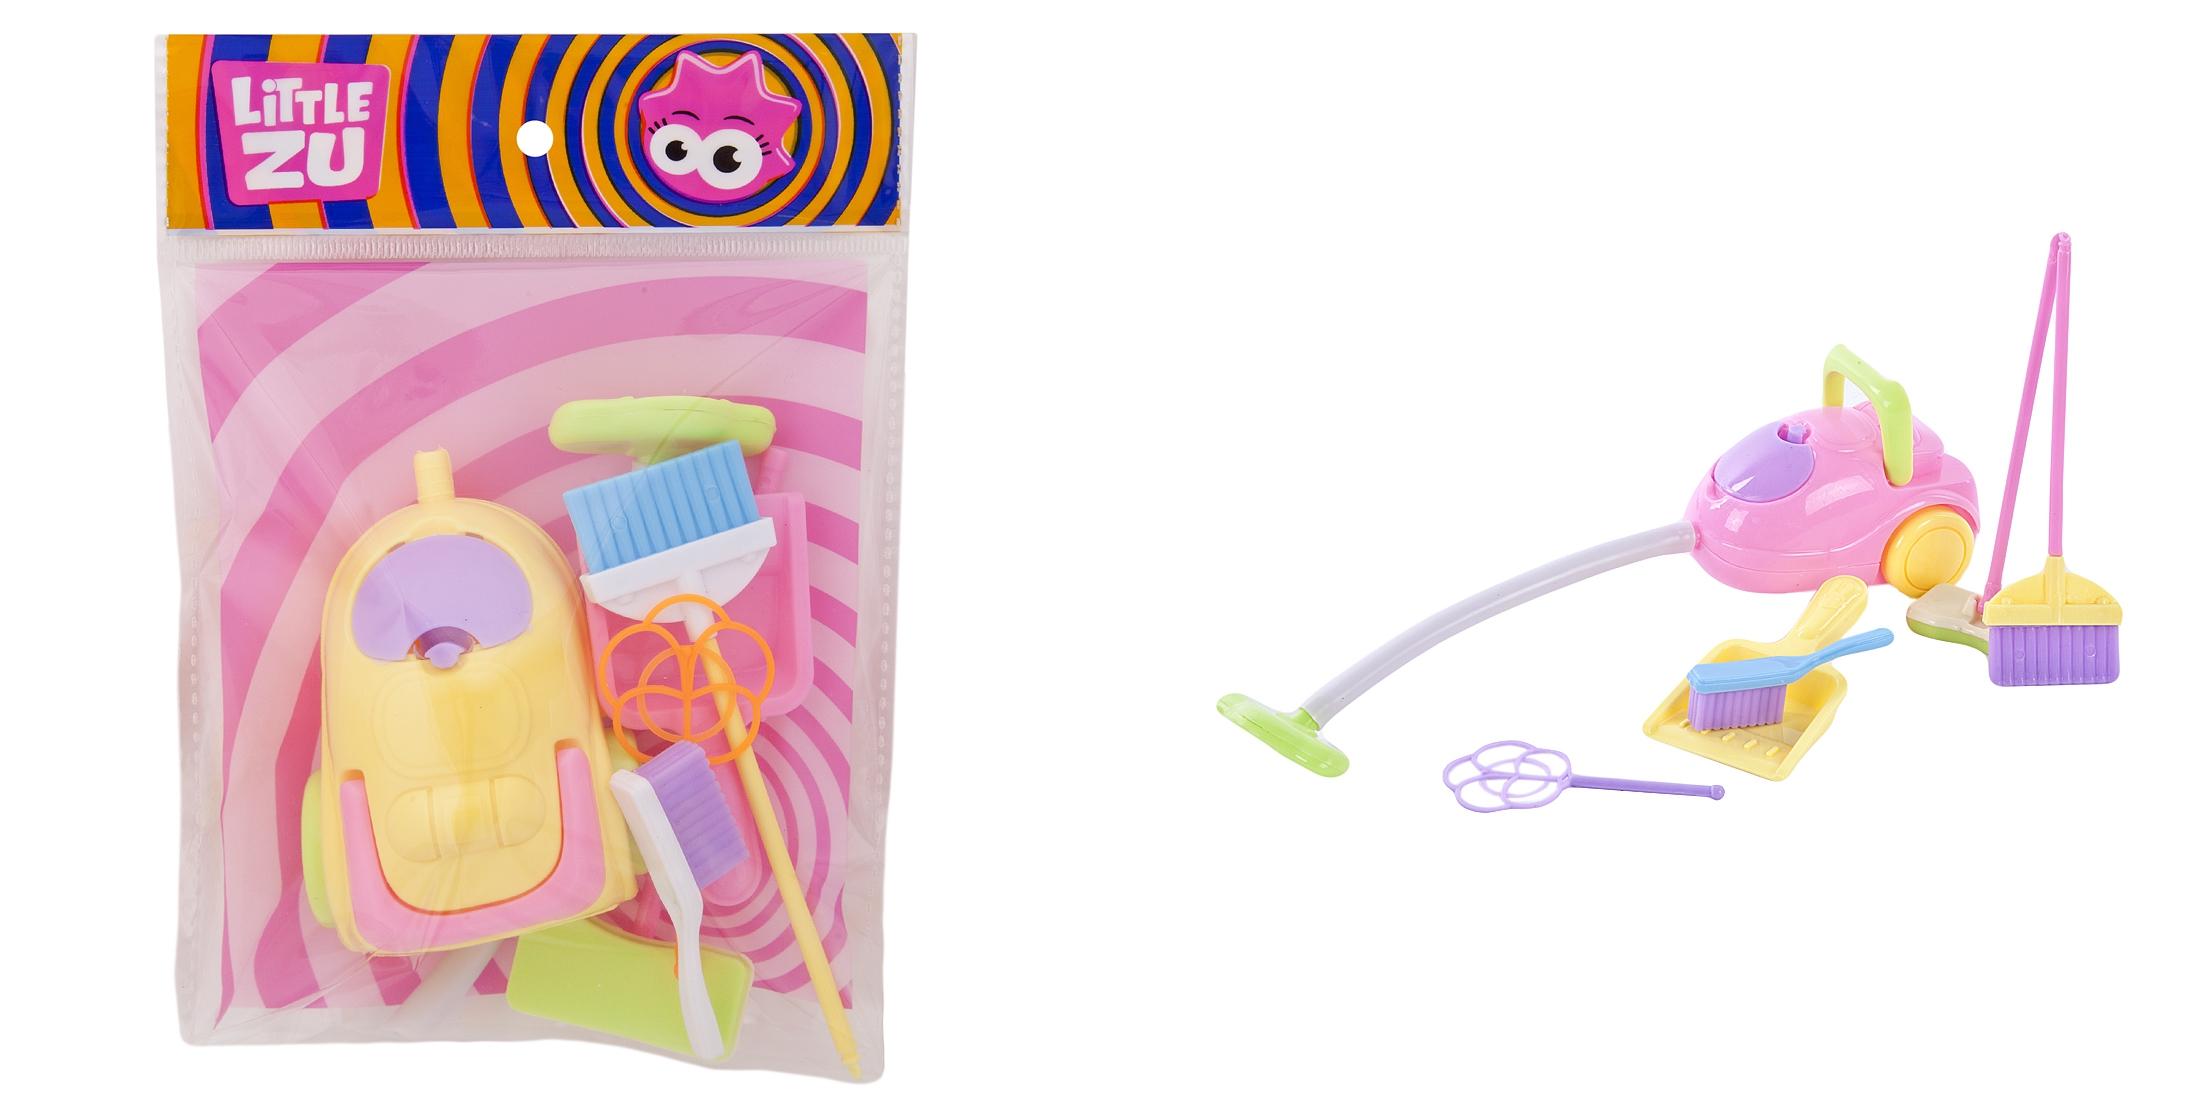 Игровые наборы Профессия Little Zu «Куколка Фея», «Набор Мебель», «Уборка» цена